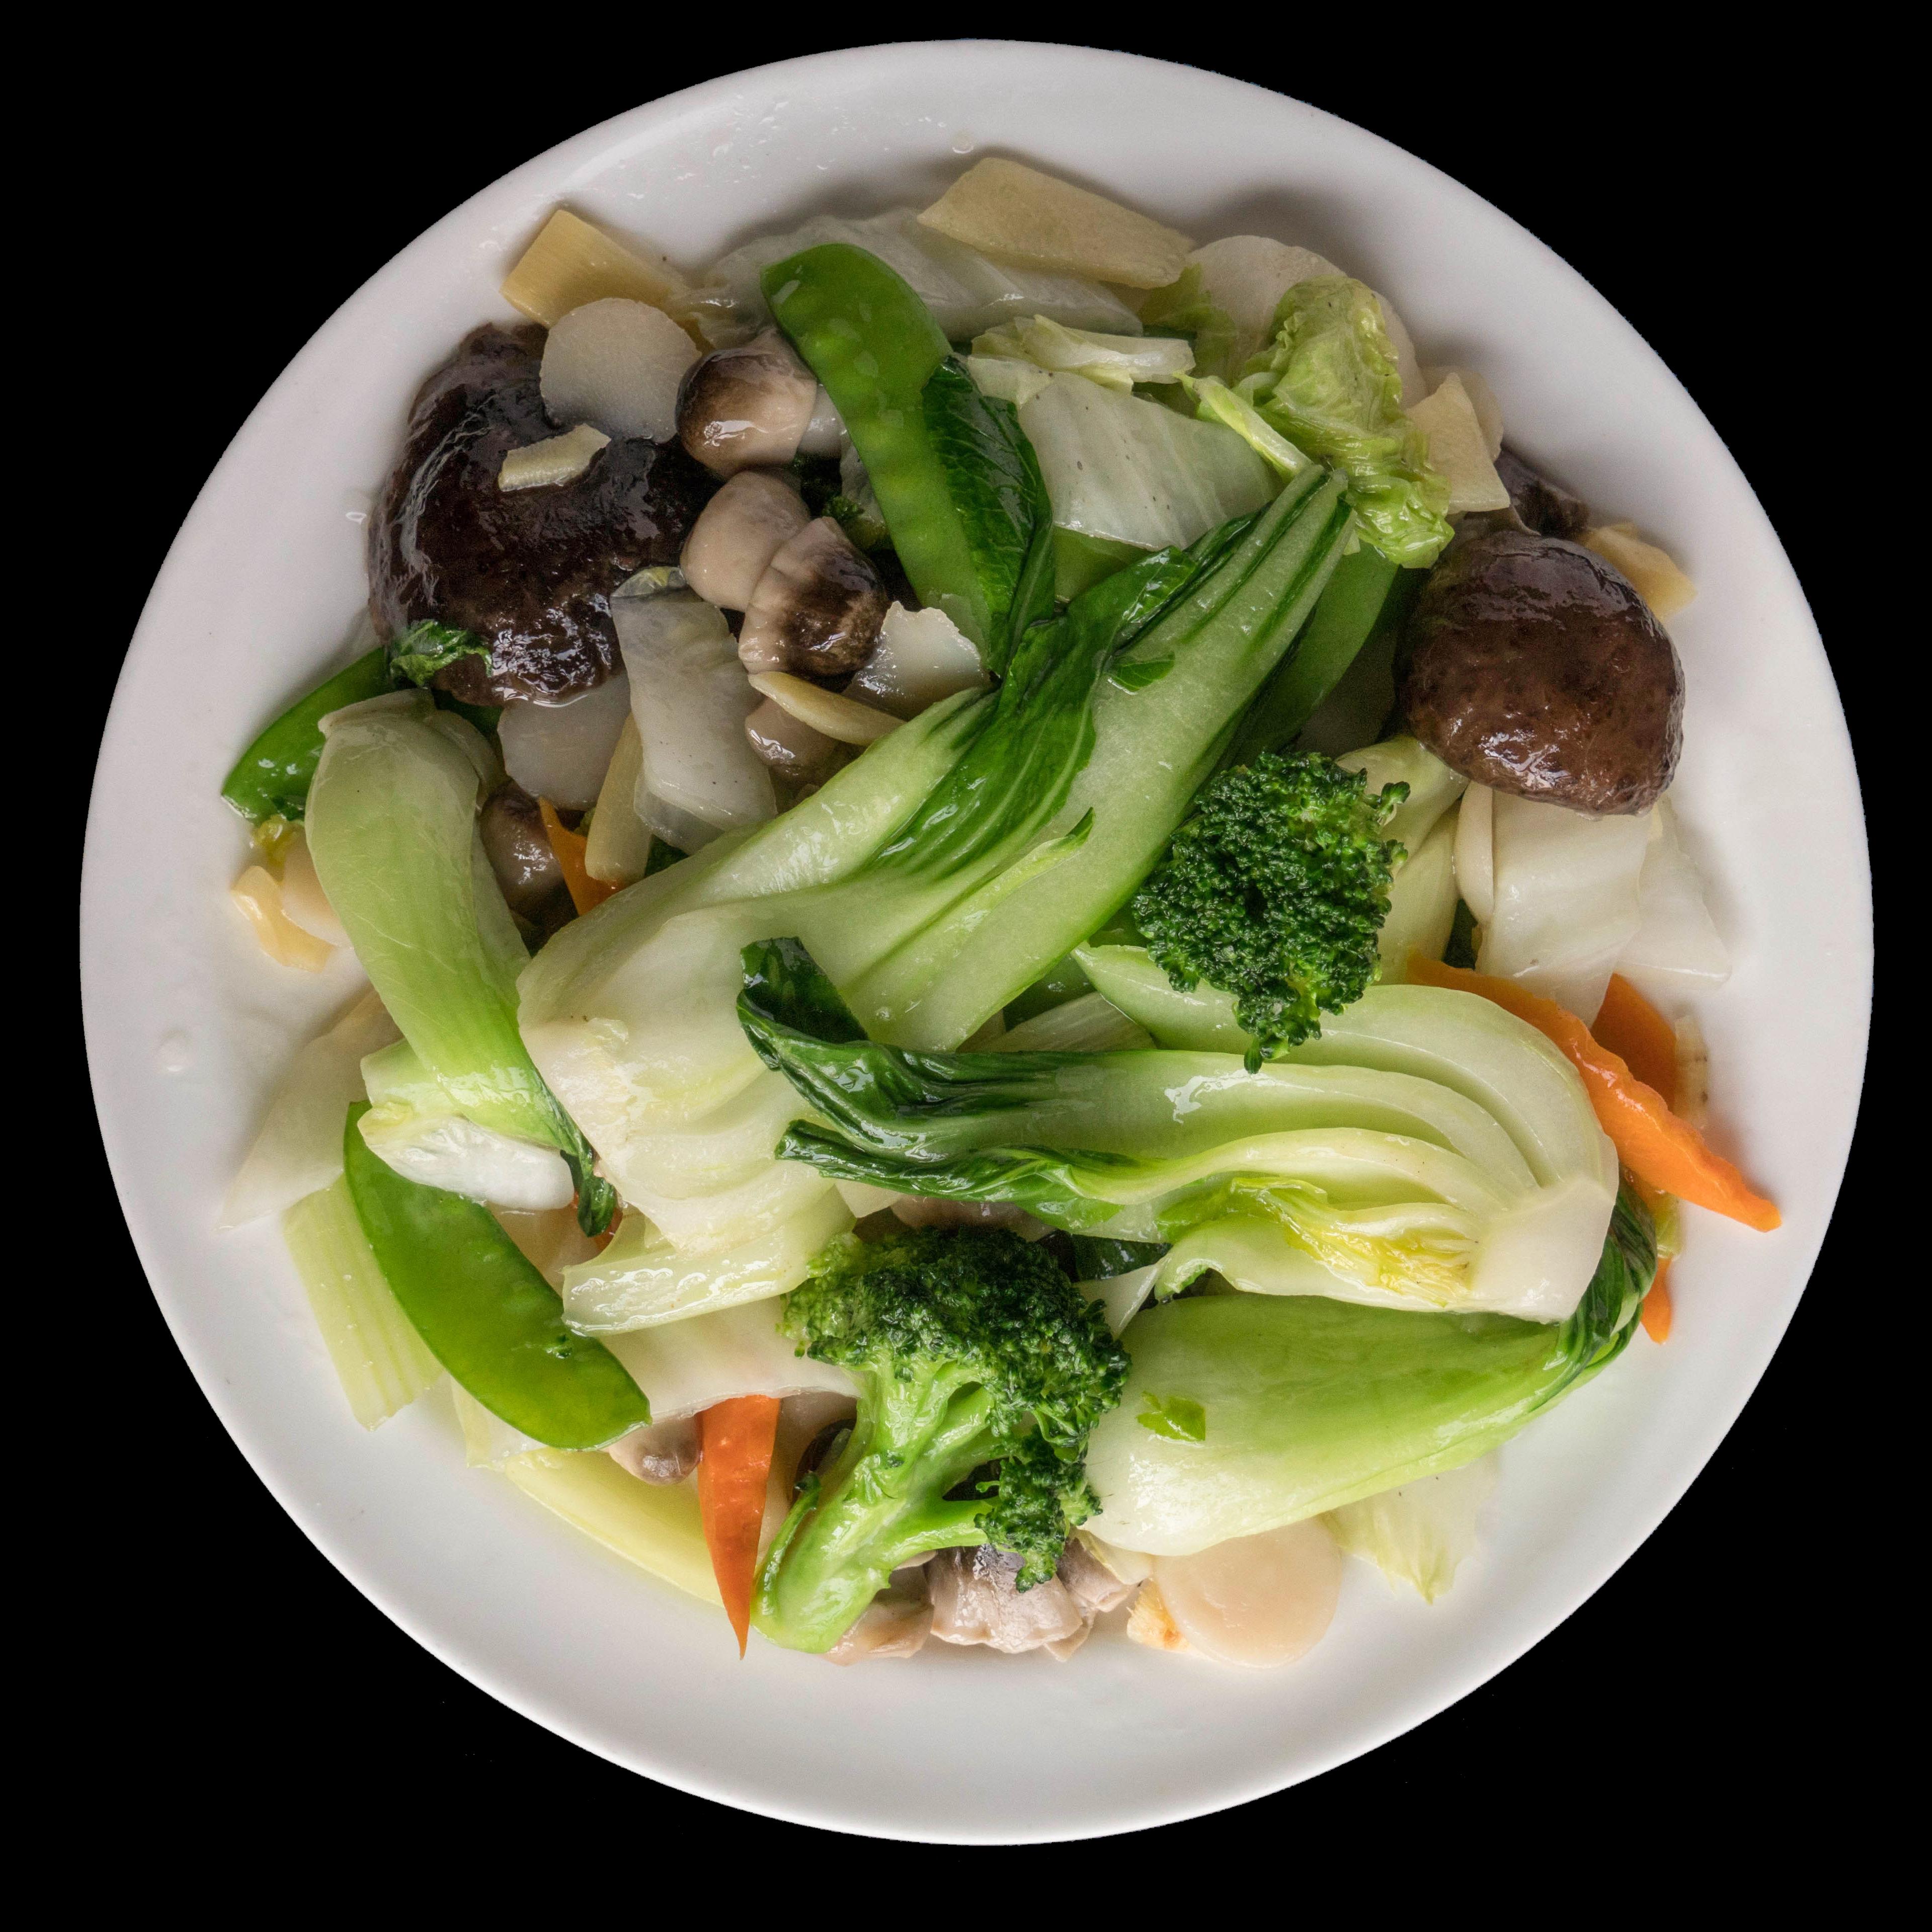 61. 素什锦 Mixed Vegetables Image